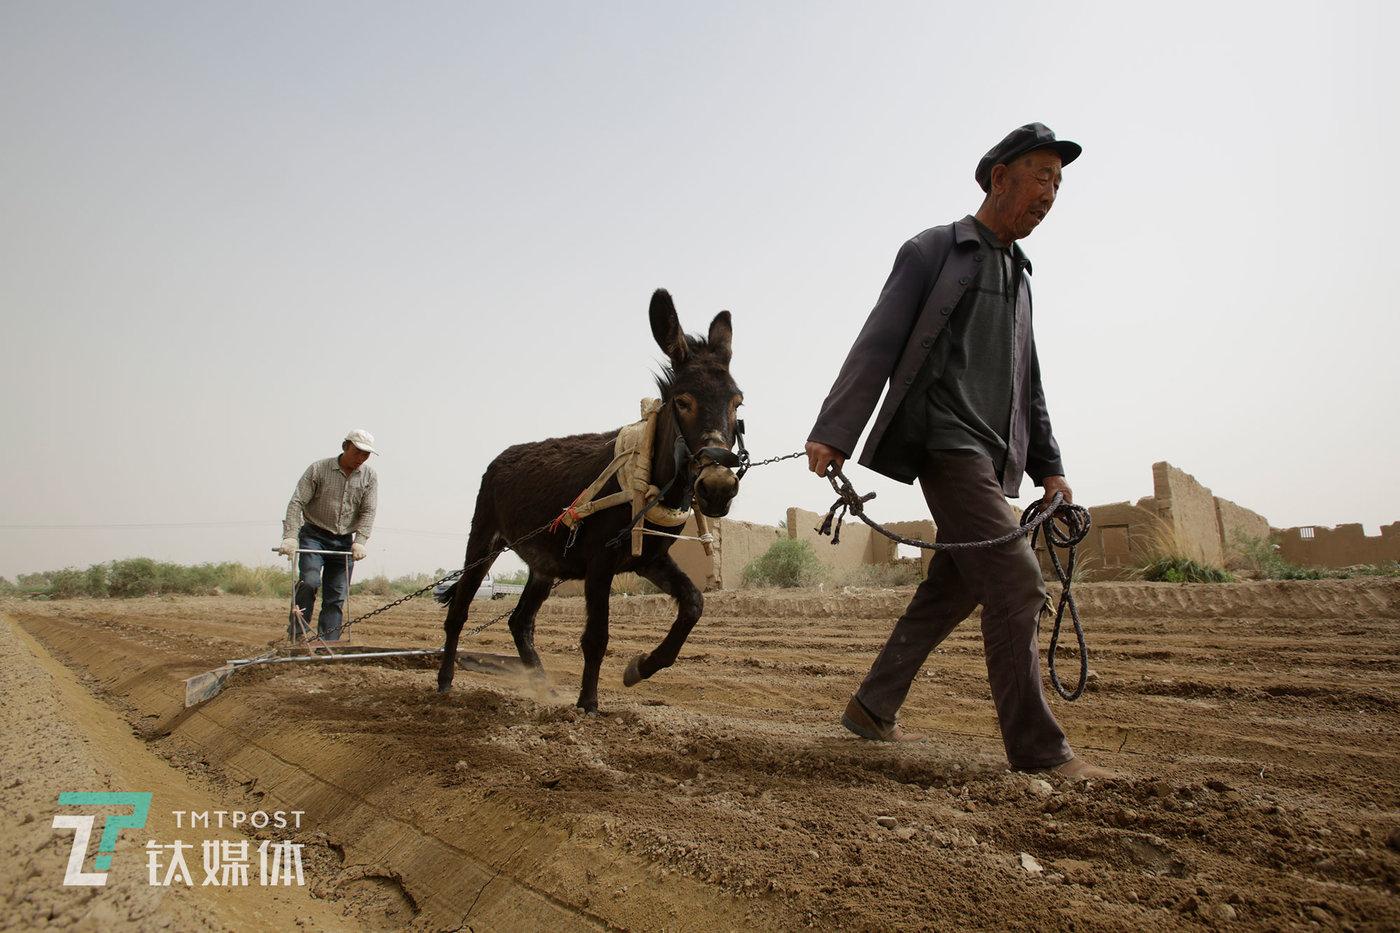 薛志明的父亲今年80岁,儿子忙的时候他也会下地帮着做点事,对他来说,劳作是一生的习惯。几十年以来,当地人种地的方式没什么大的变化。